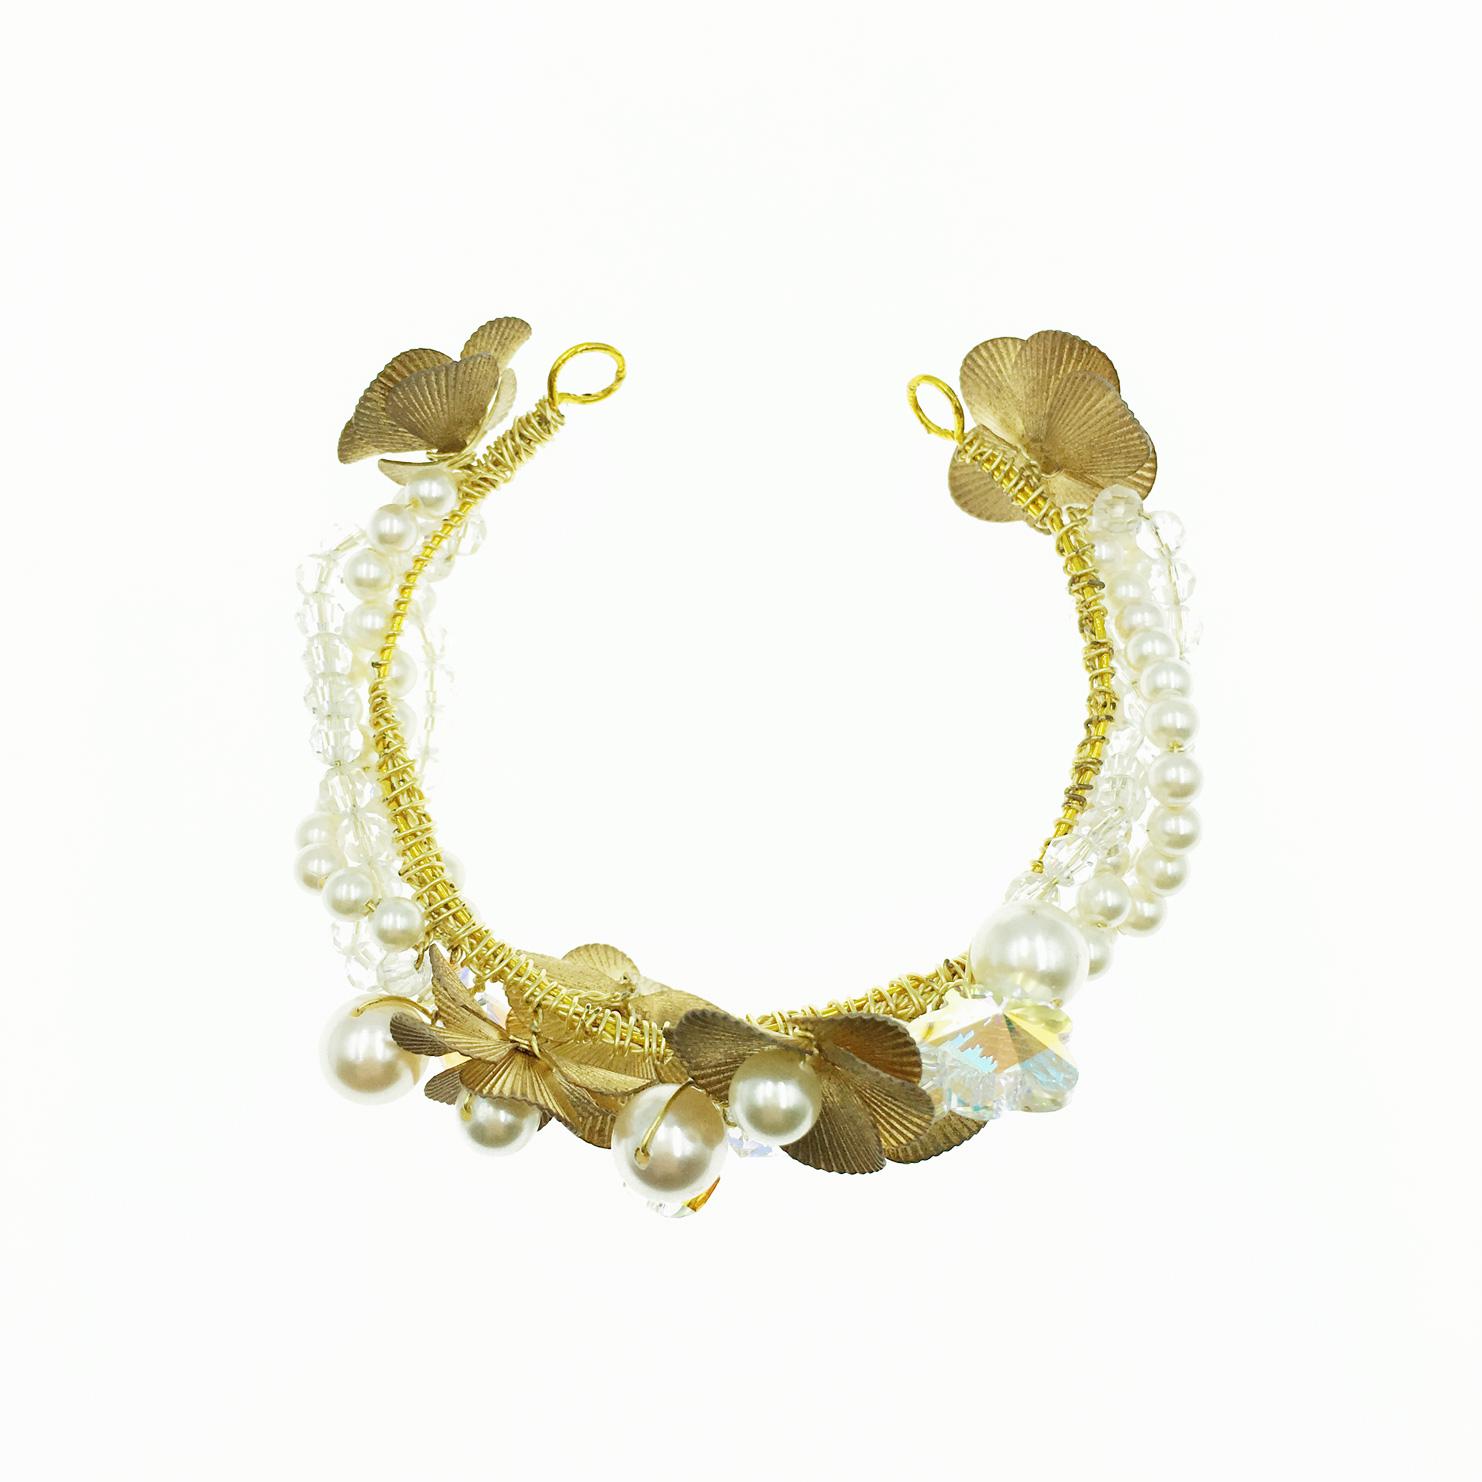 珍珠 透平水晶 金色雕刻花 手鍊 手環 採用施華洛世奇水晶元素 Crystals from Swarovski